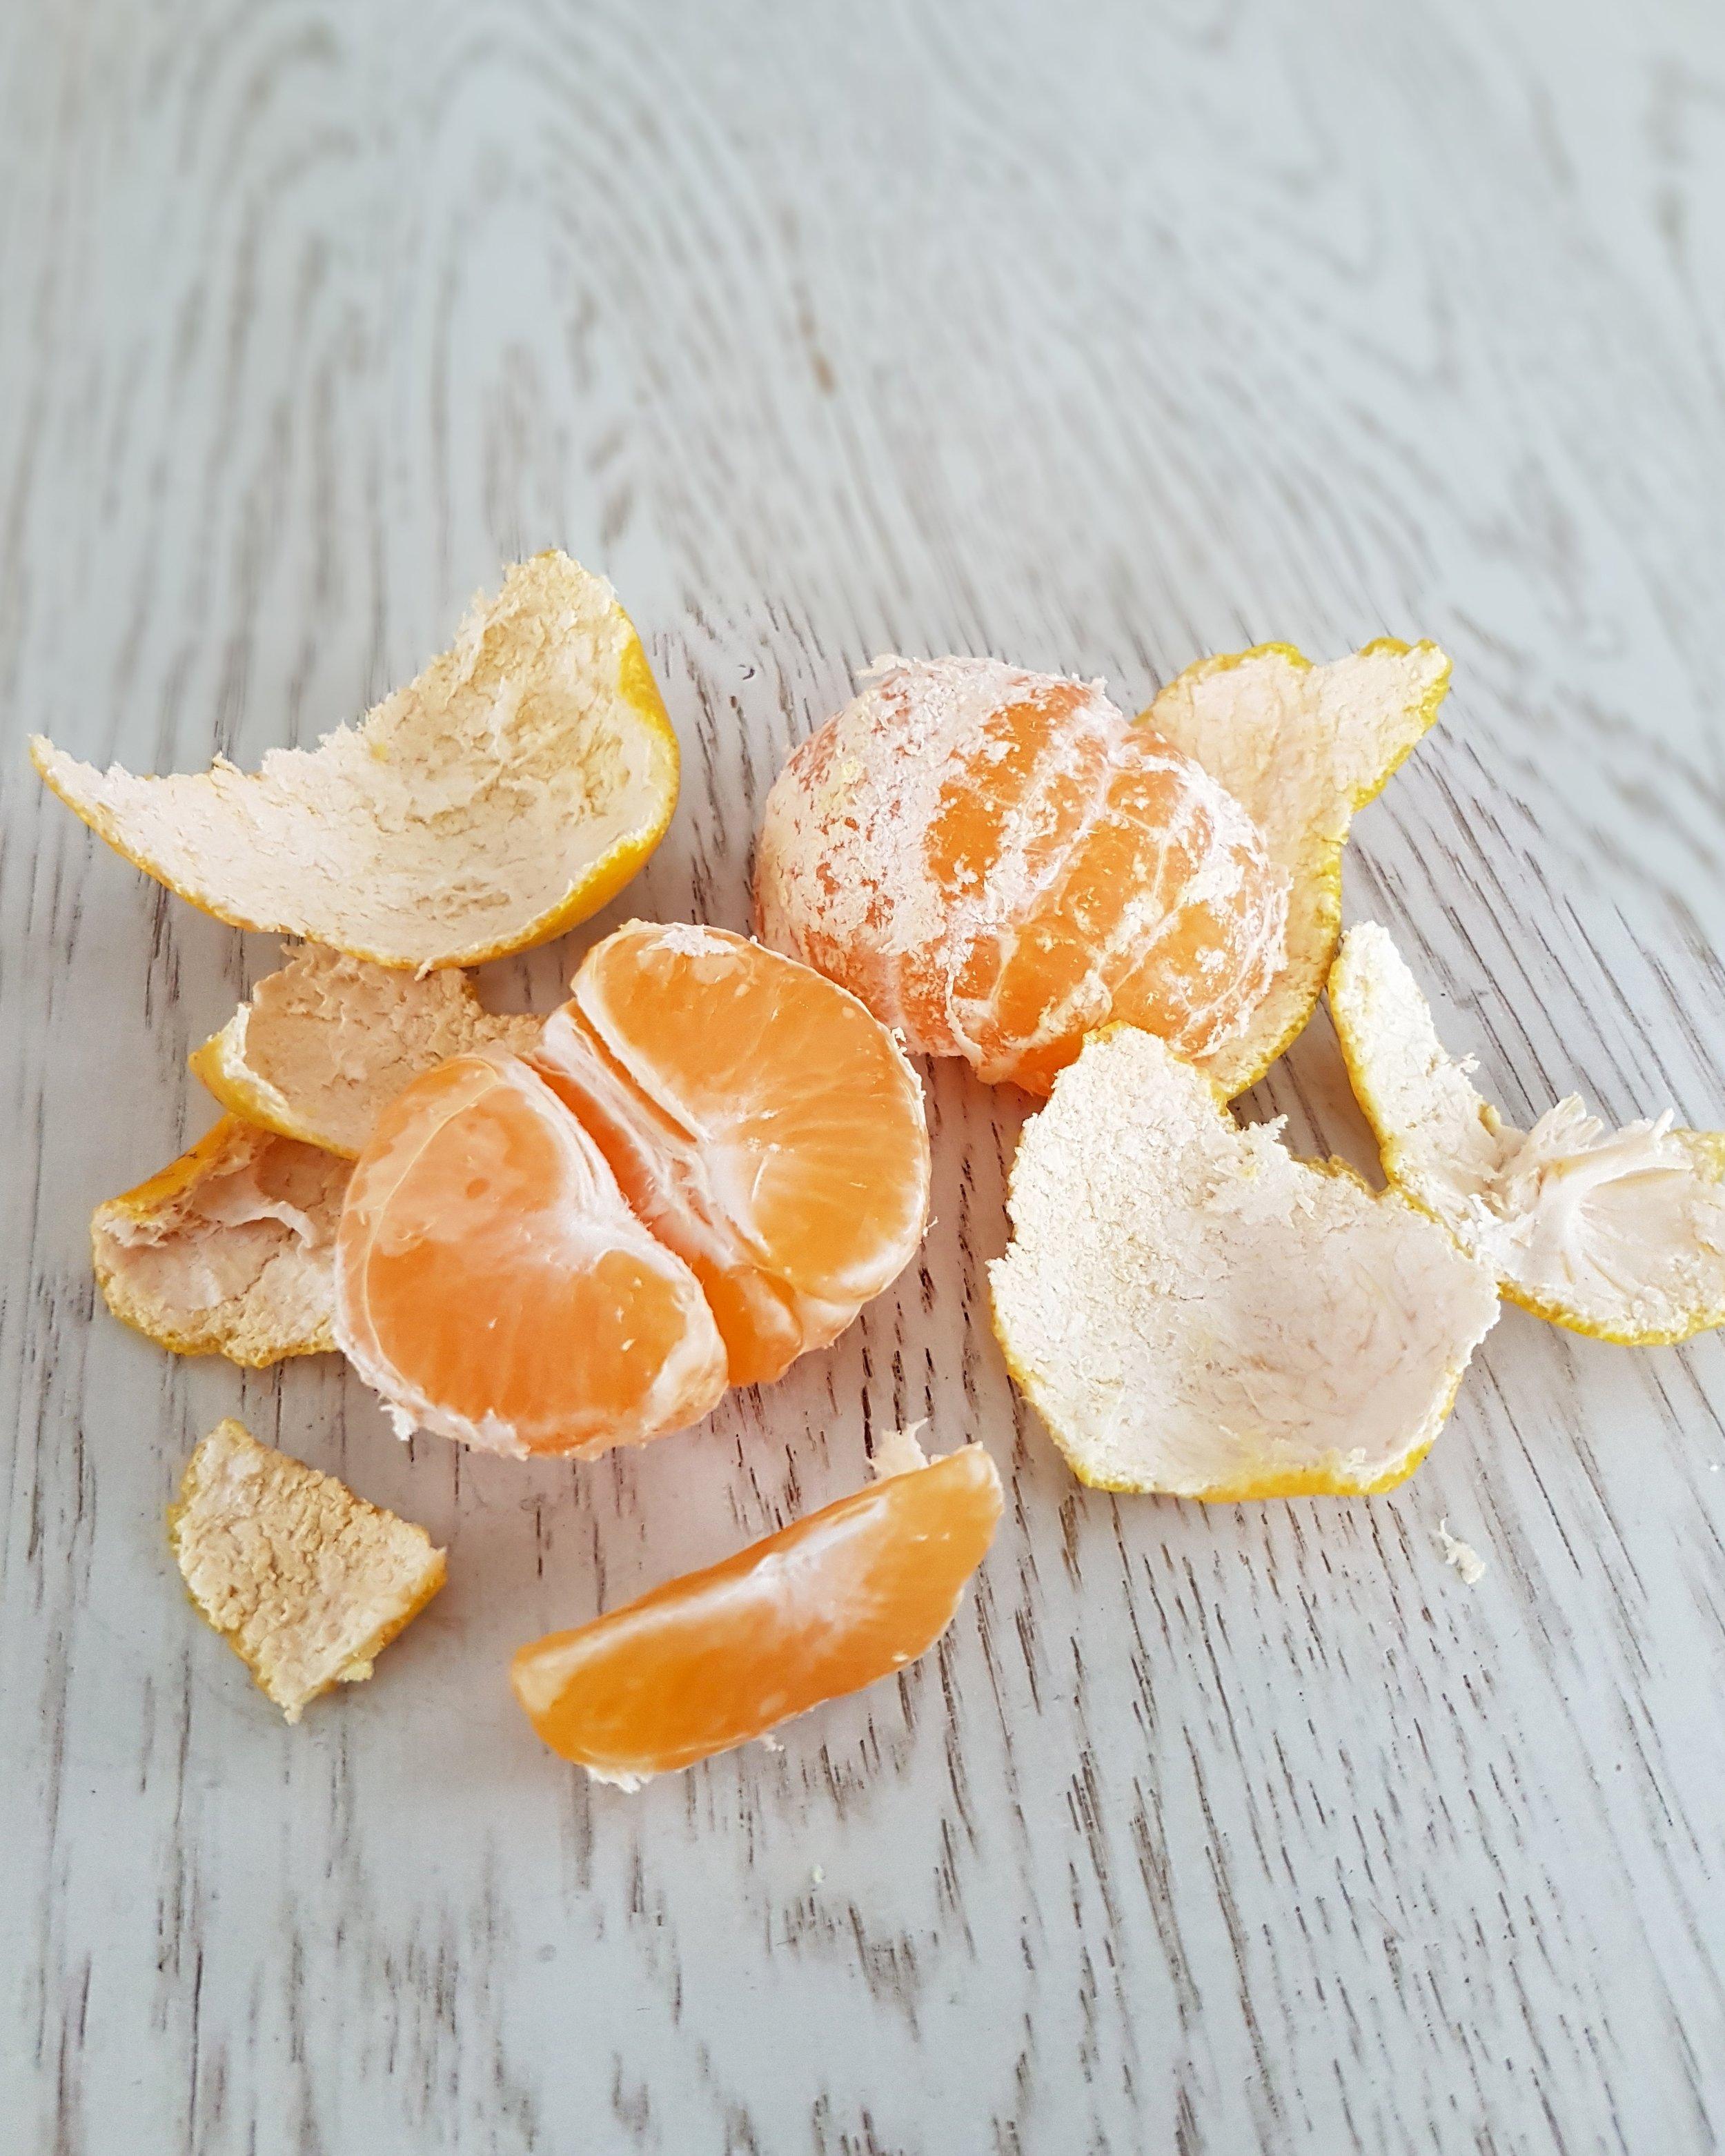 mandarin orange chinese review.jpg